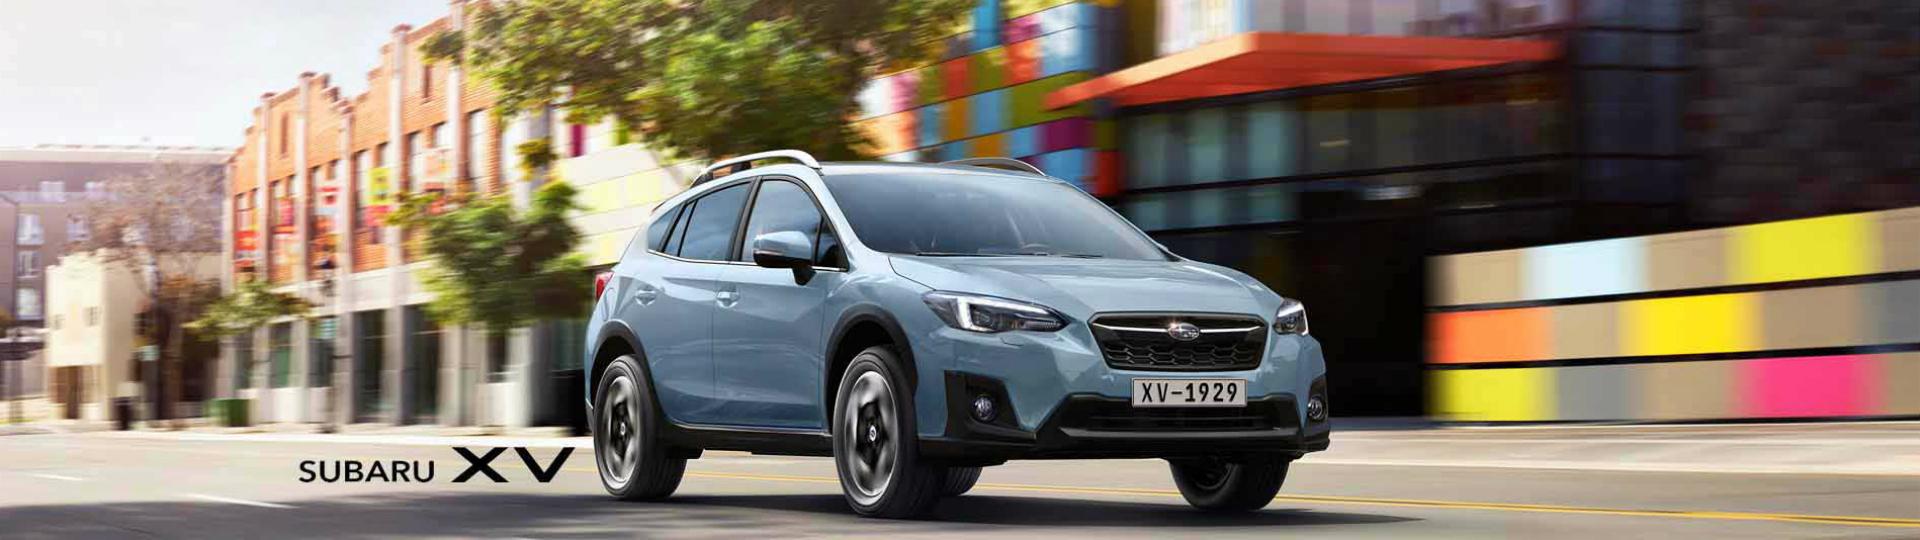 der Subaru XV macht alles mit, was Ihnen Spass macht